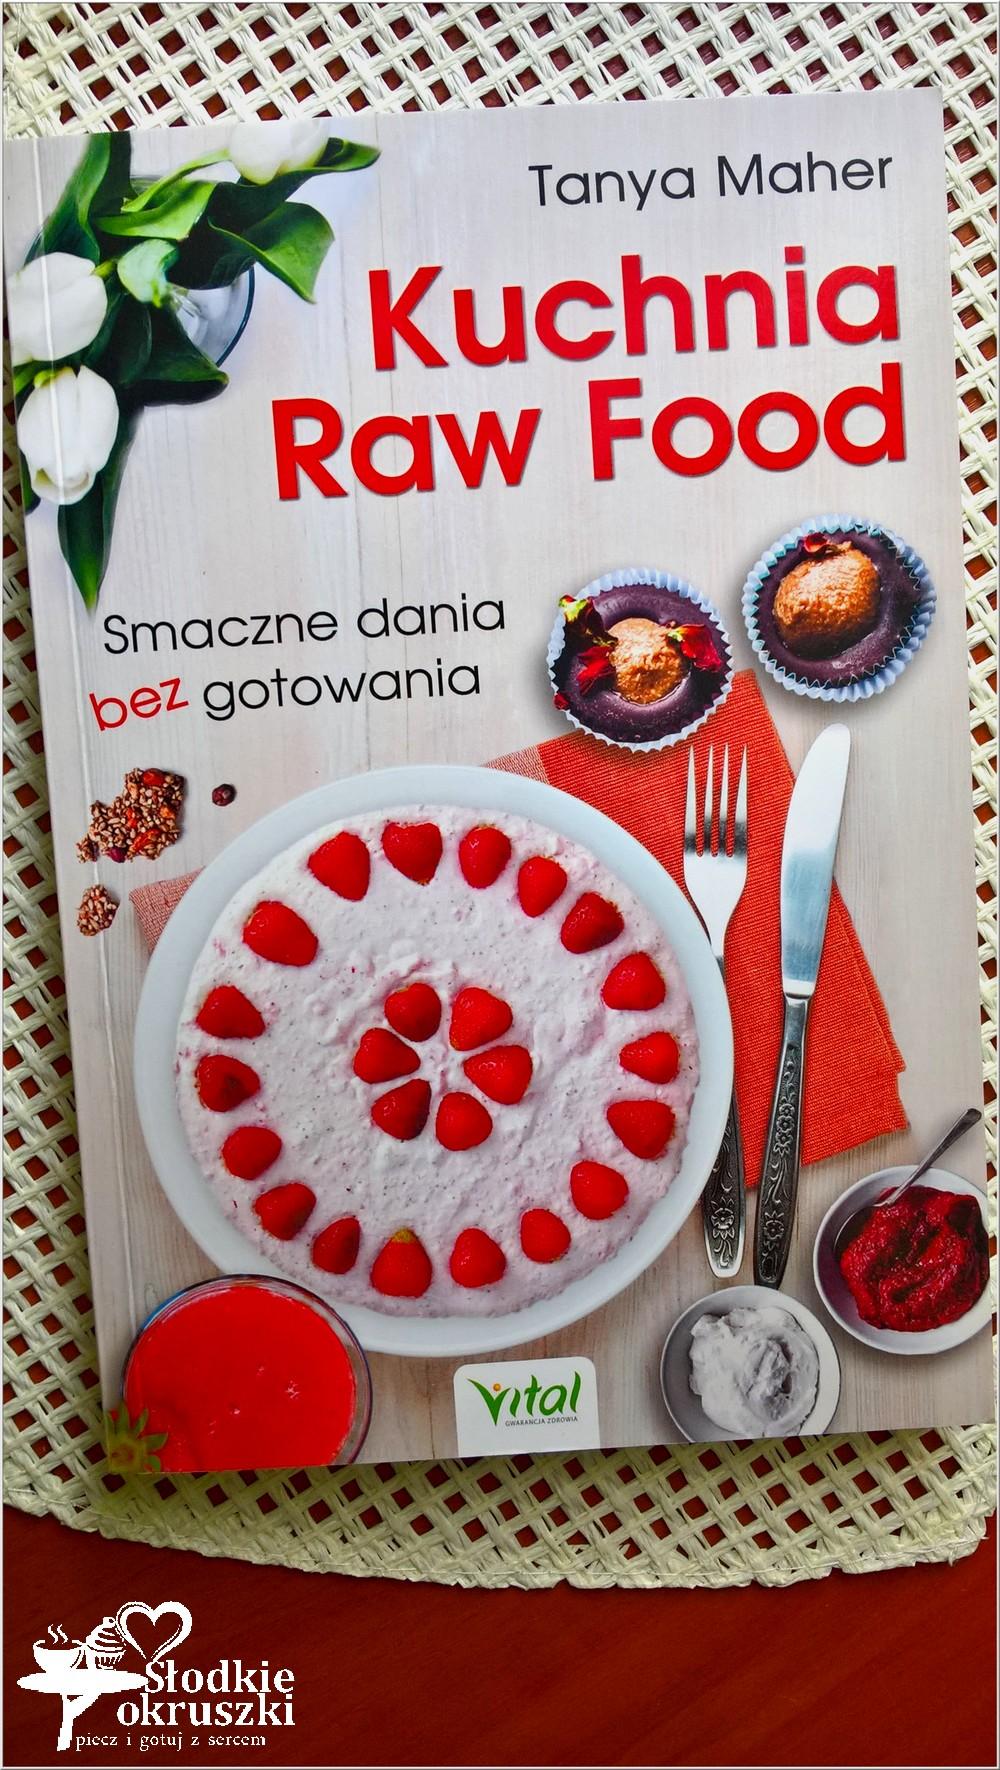 kuchnia-raw-food-smaczne-dania-bez-gotowania-recenzja